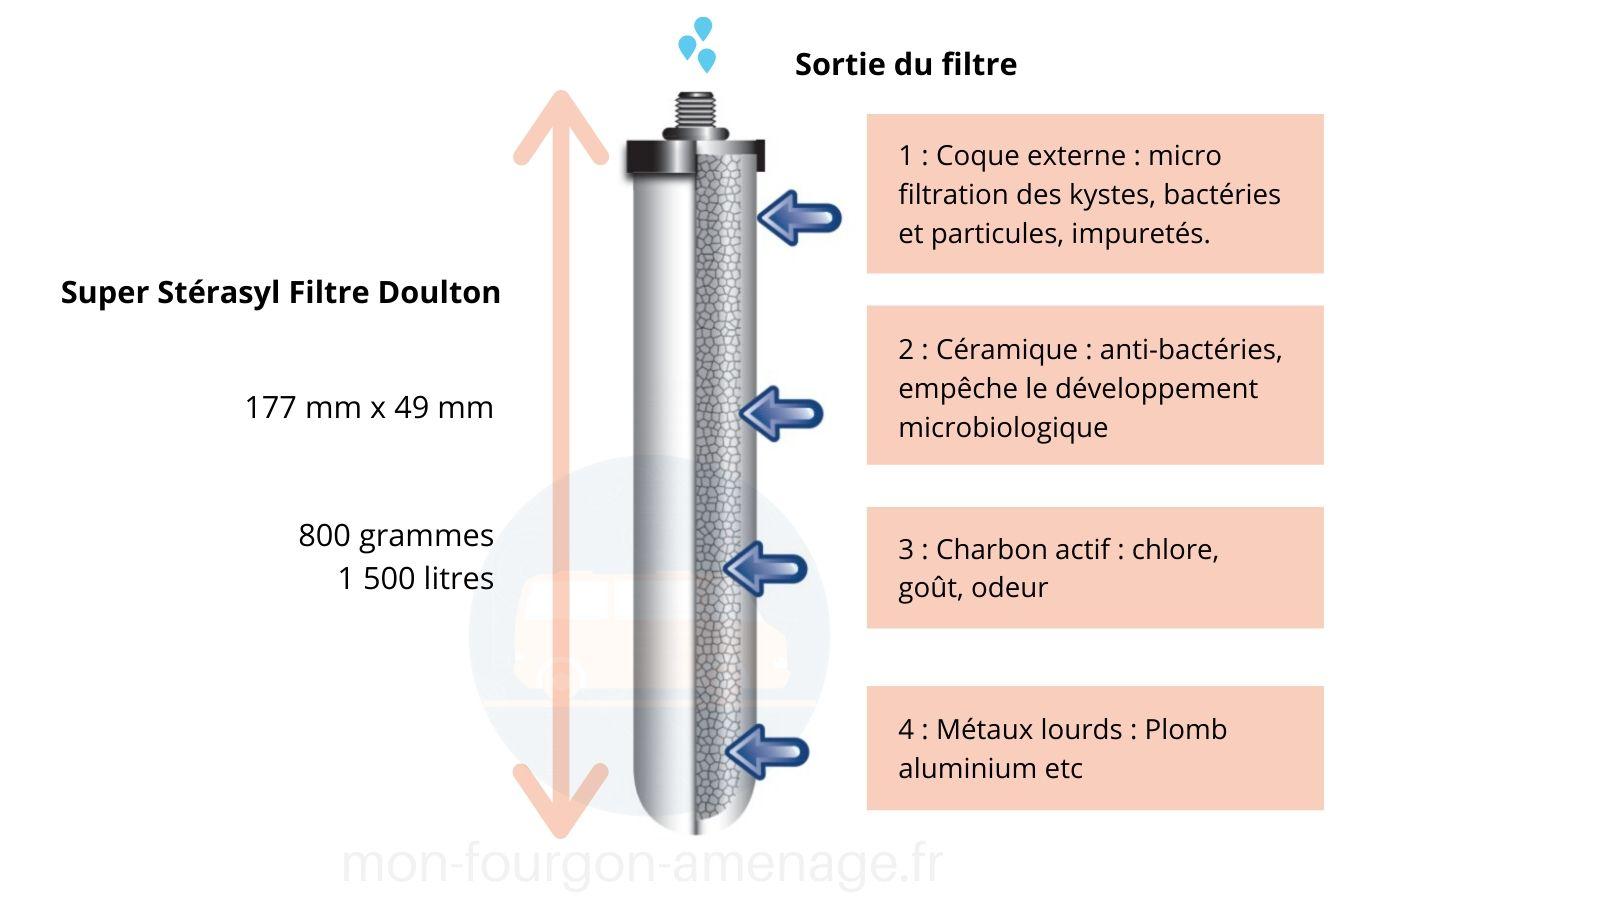 filtre doulton super sterasyl